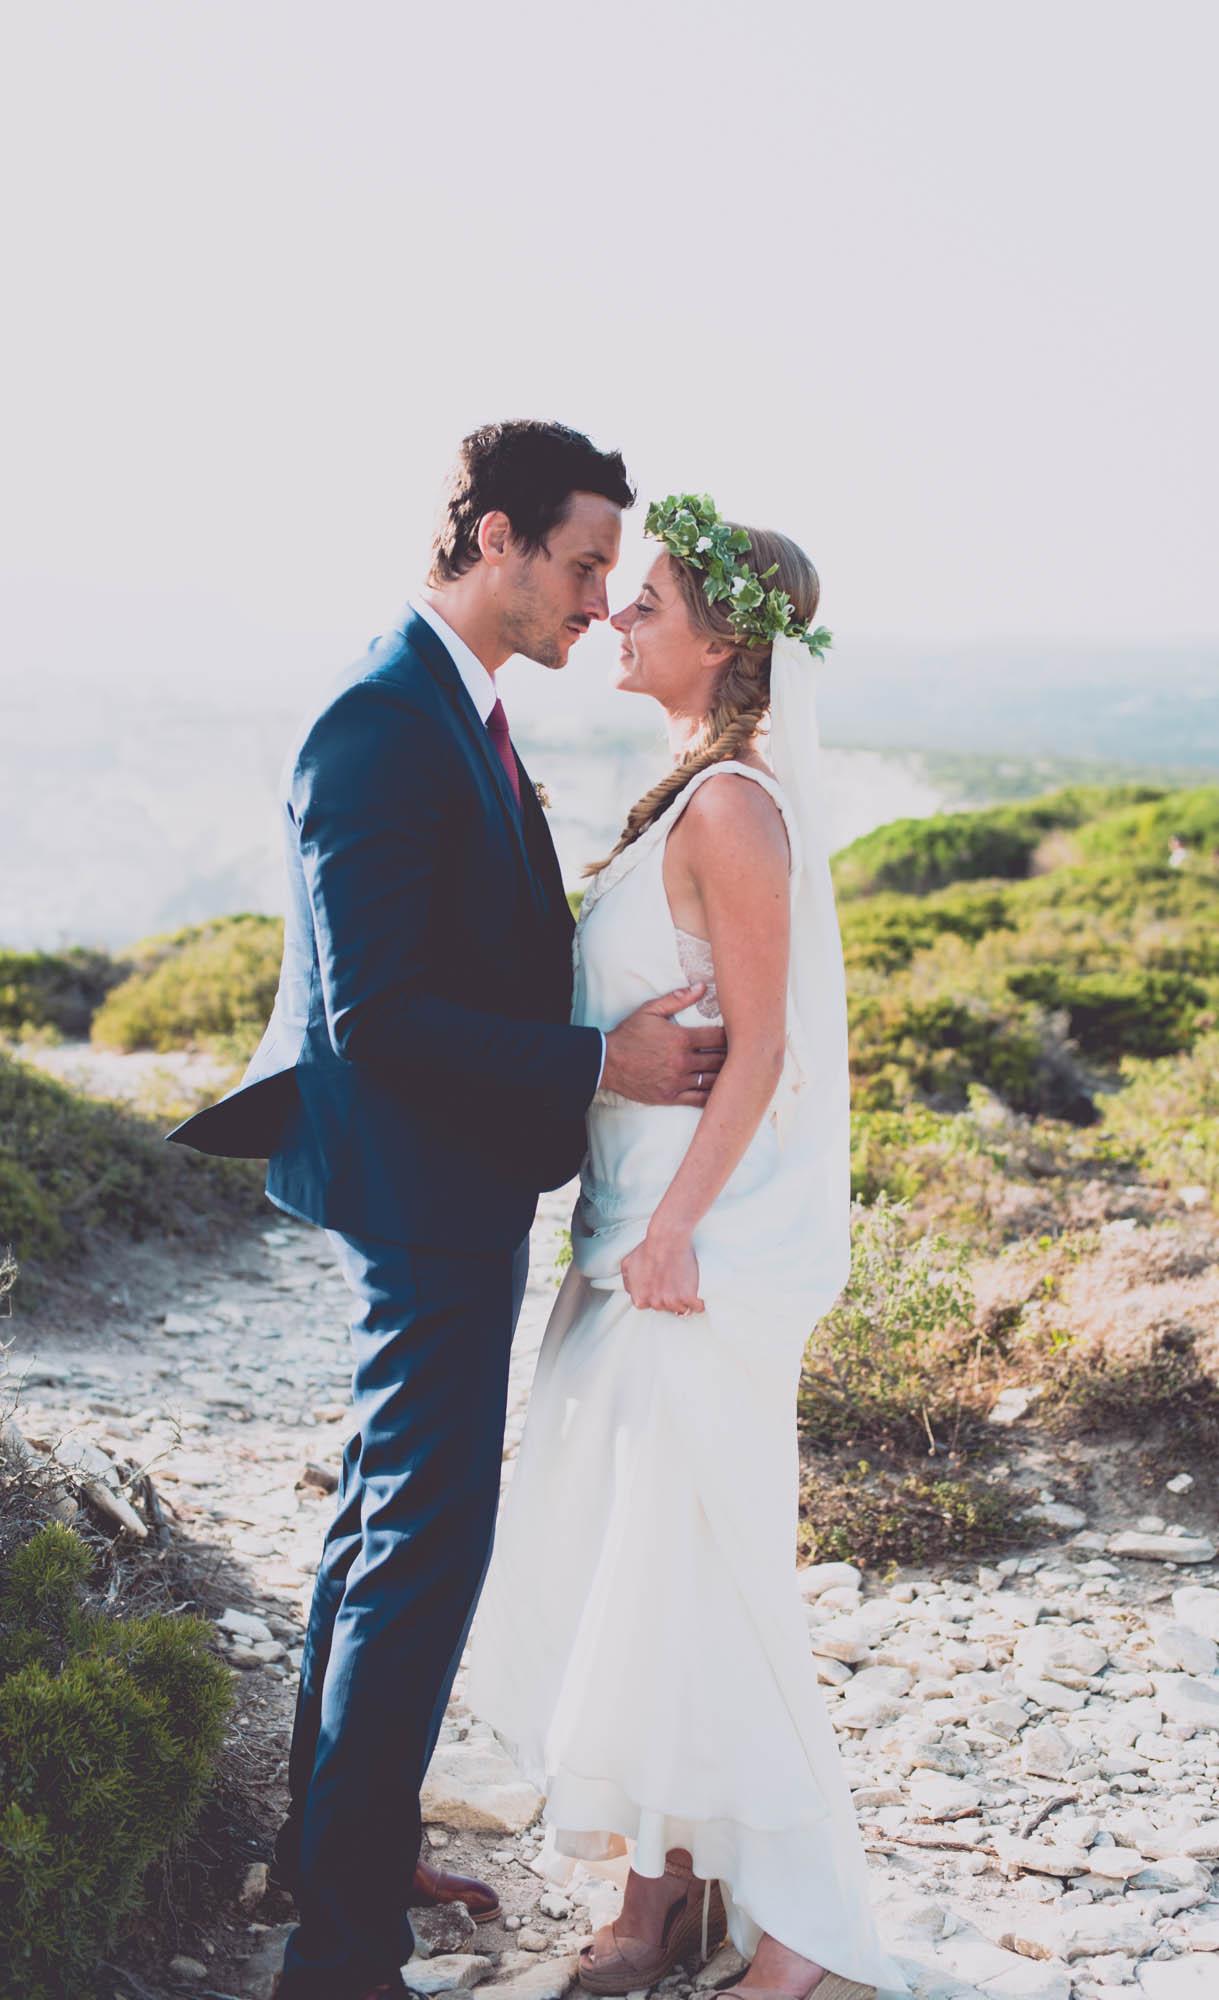 Photographe mariage bohème chic Corse Bonifacio - C et A (78)